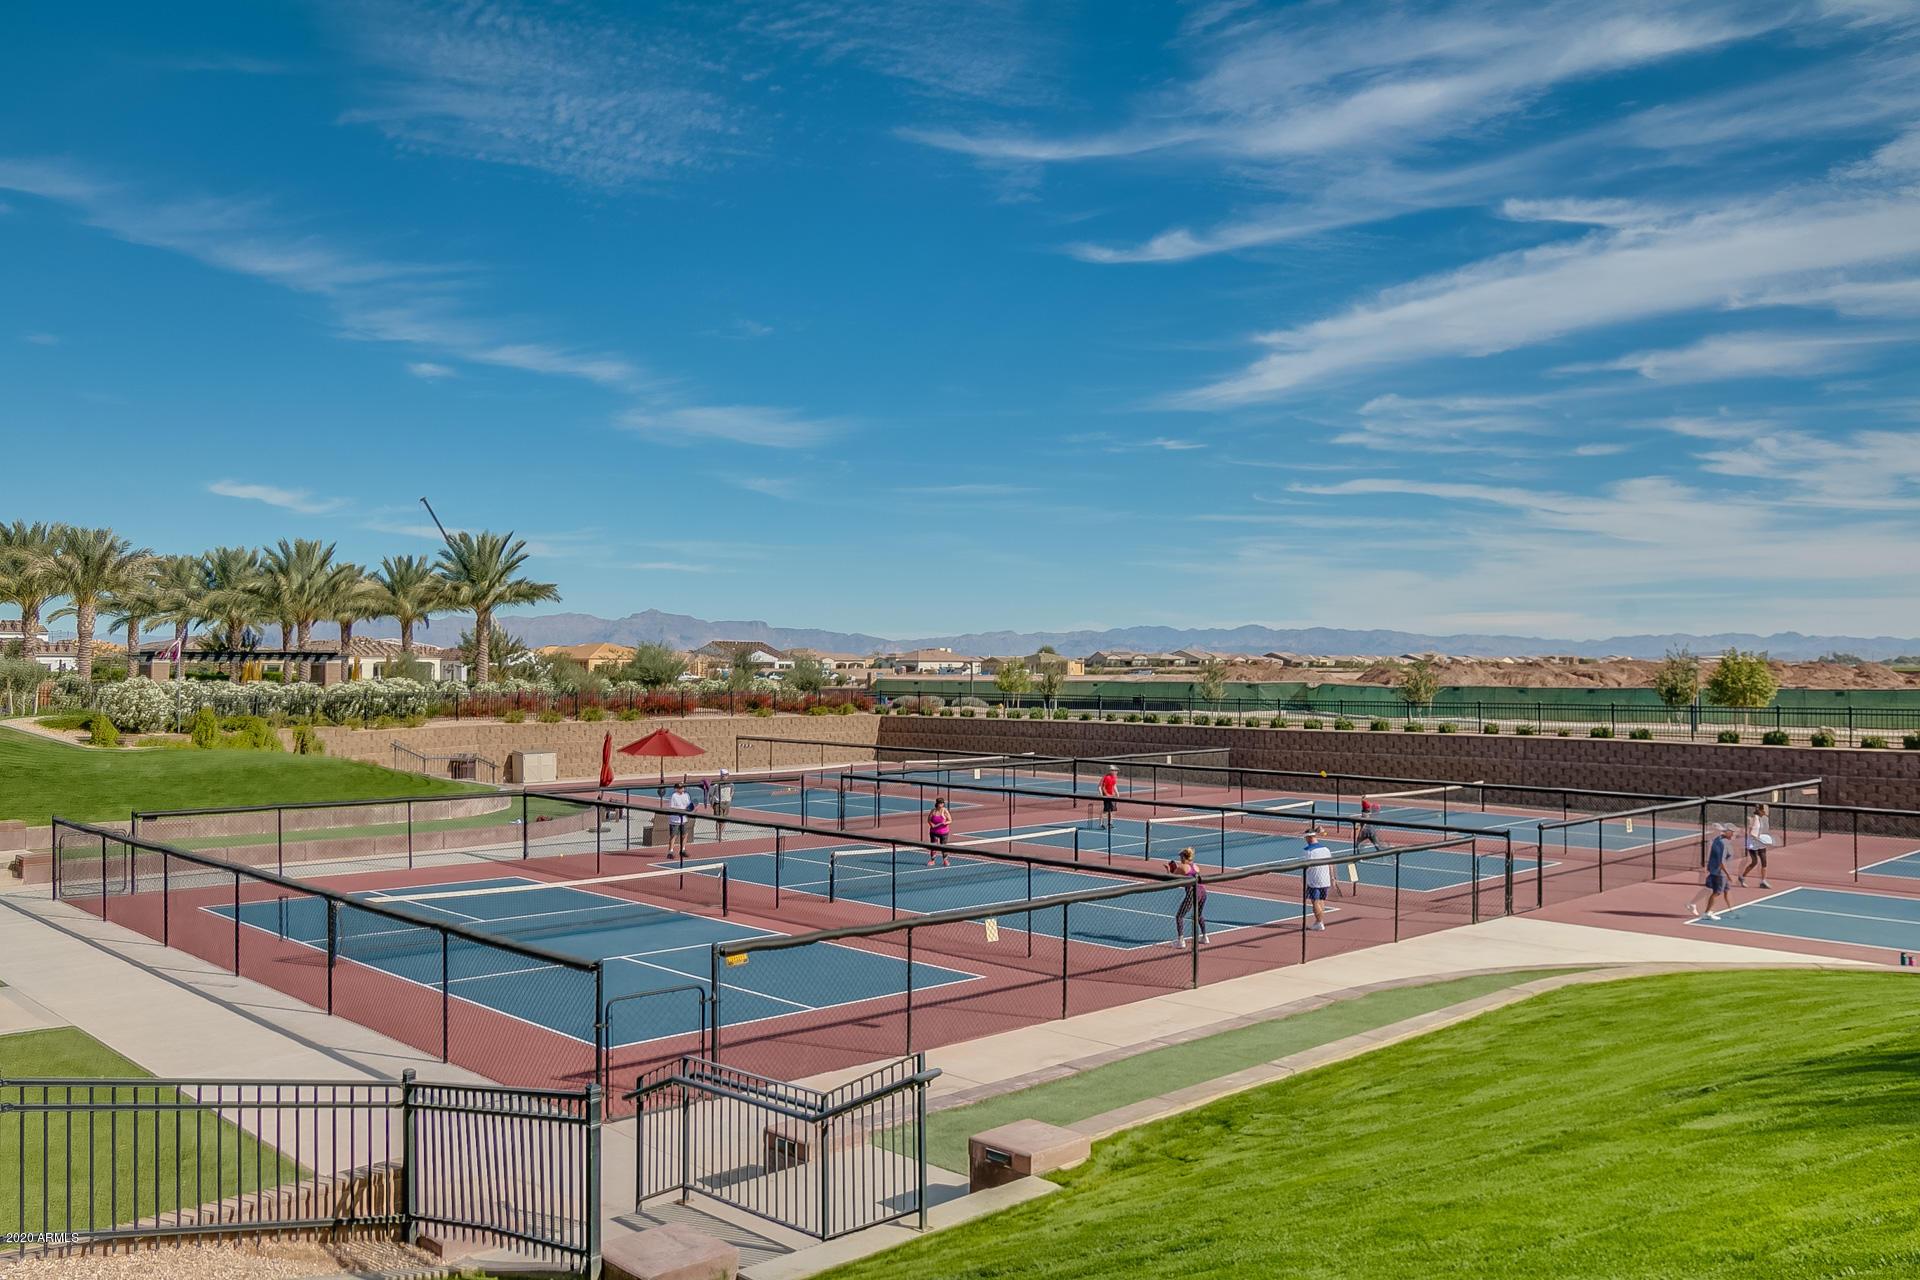 MLS 6123447 181 E PEACH BLOSSOM Trail, Queen Creek, AZ 85140 Queen Creek AZ Golf